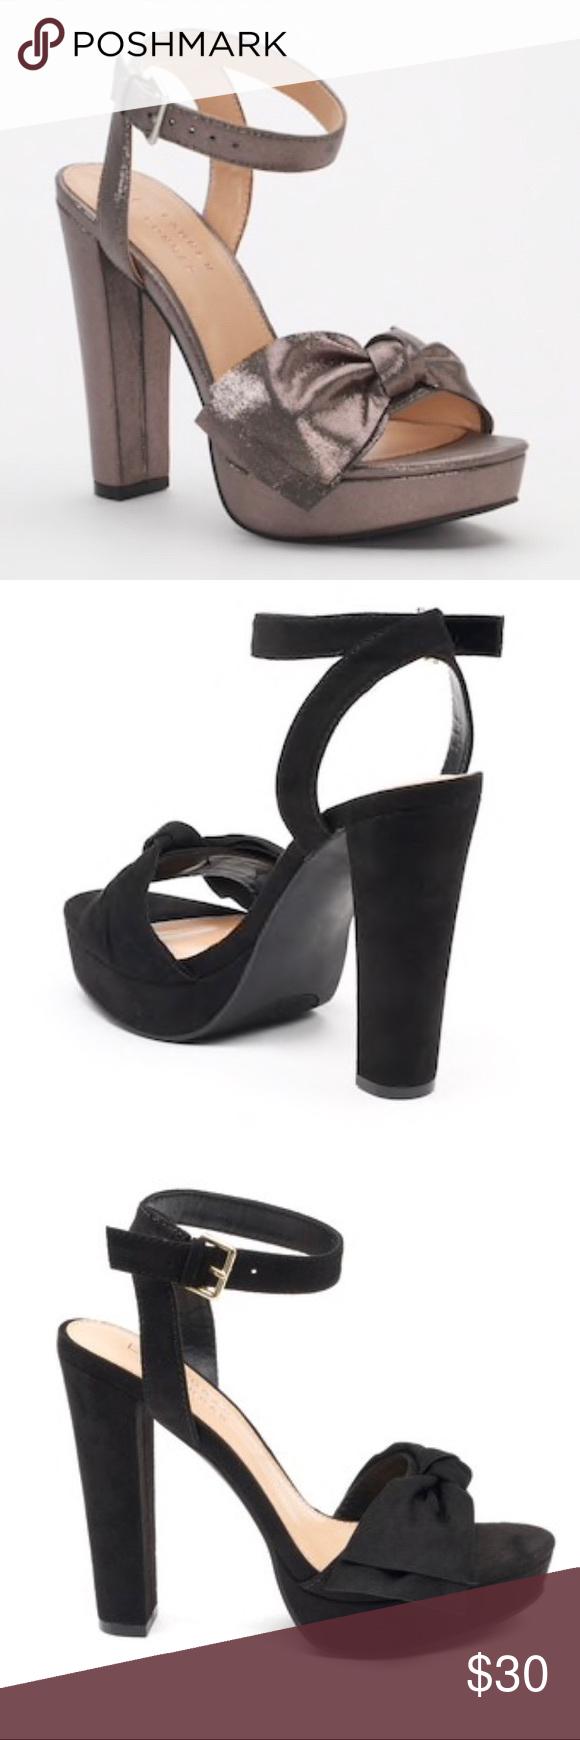 LC Lauren Conrad Bow Womens High Heel Sandals